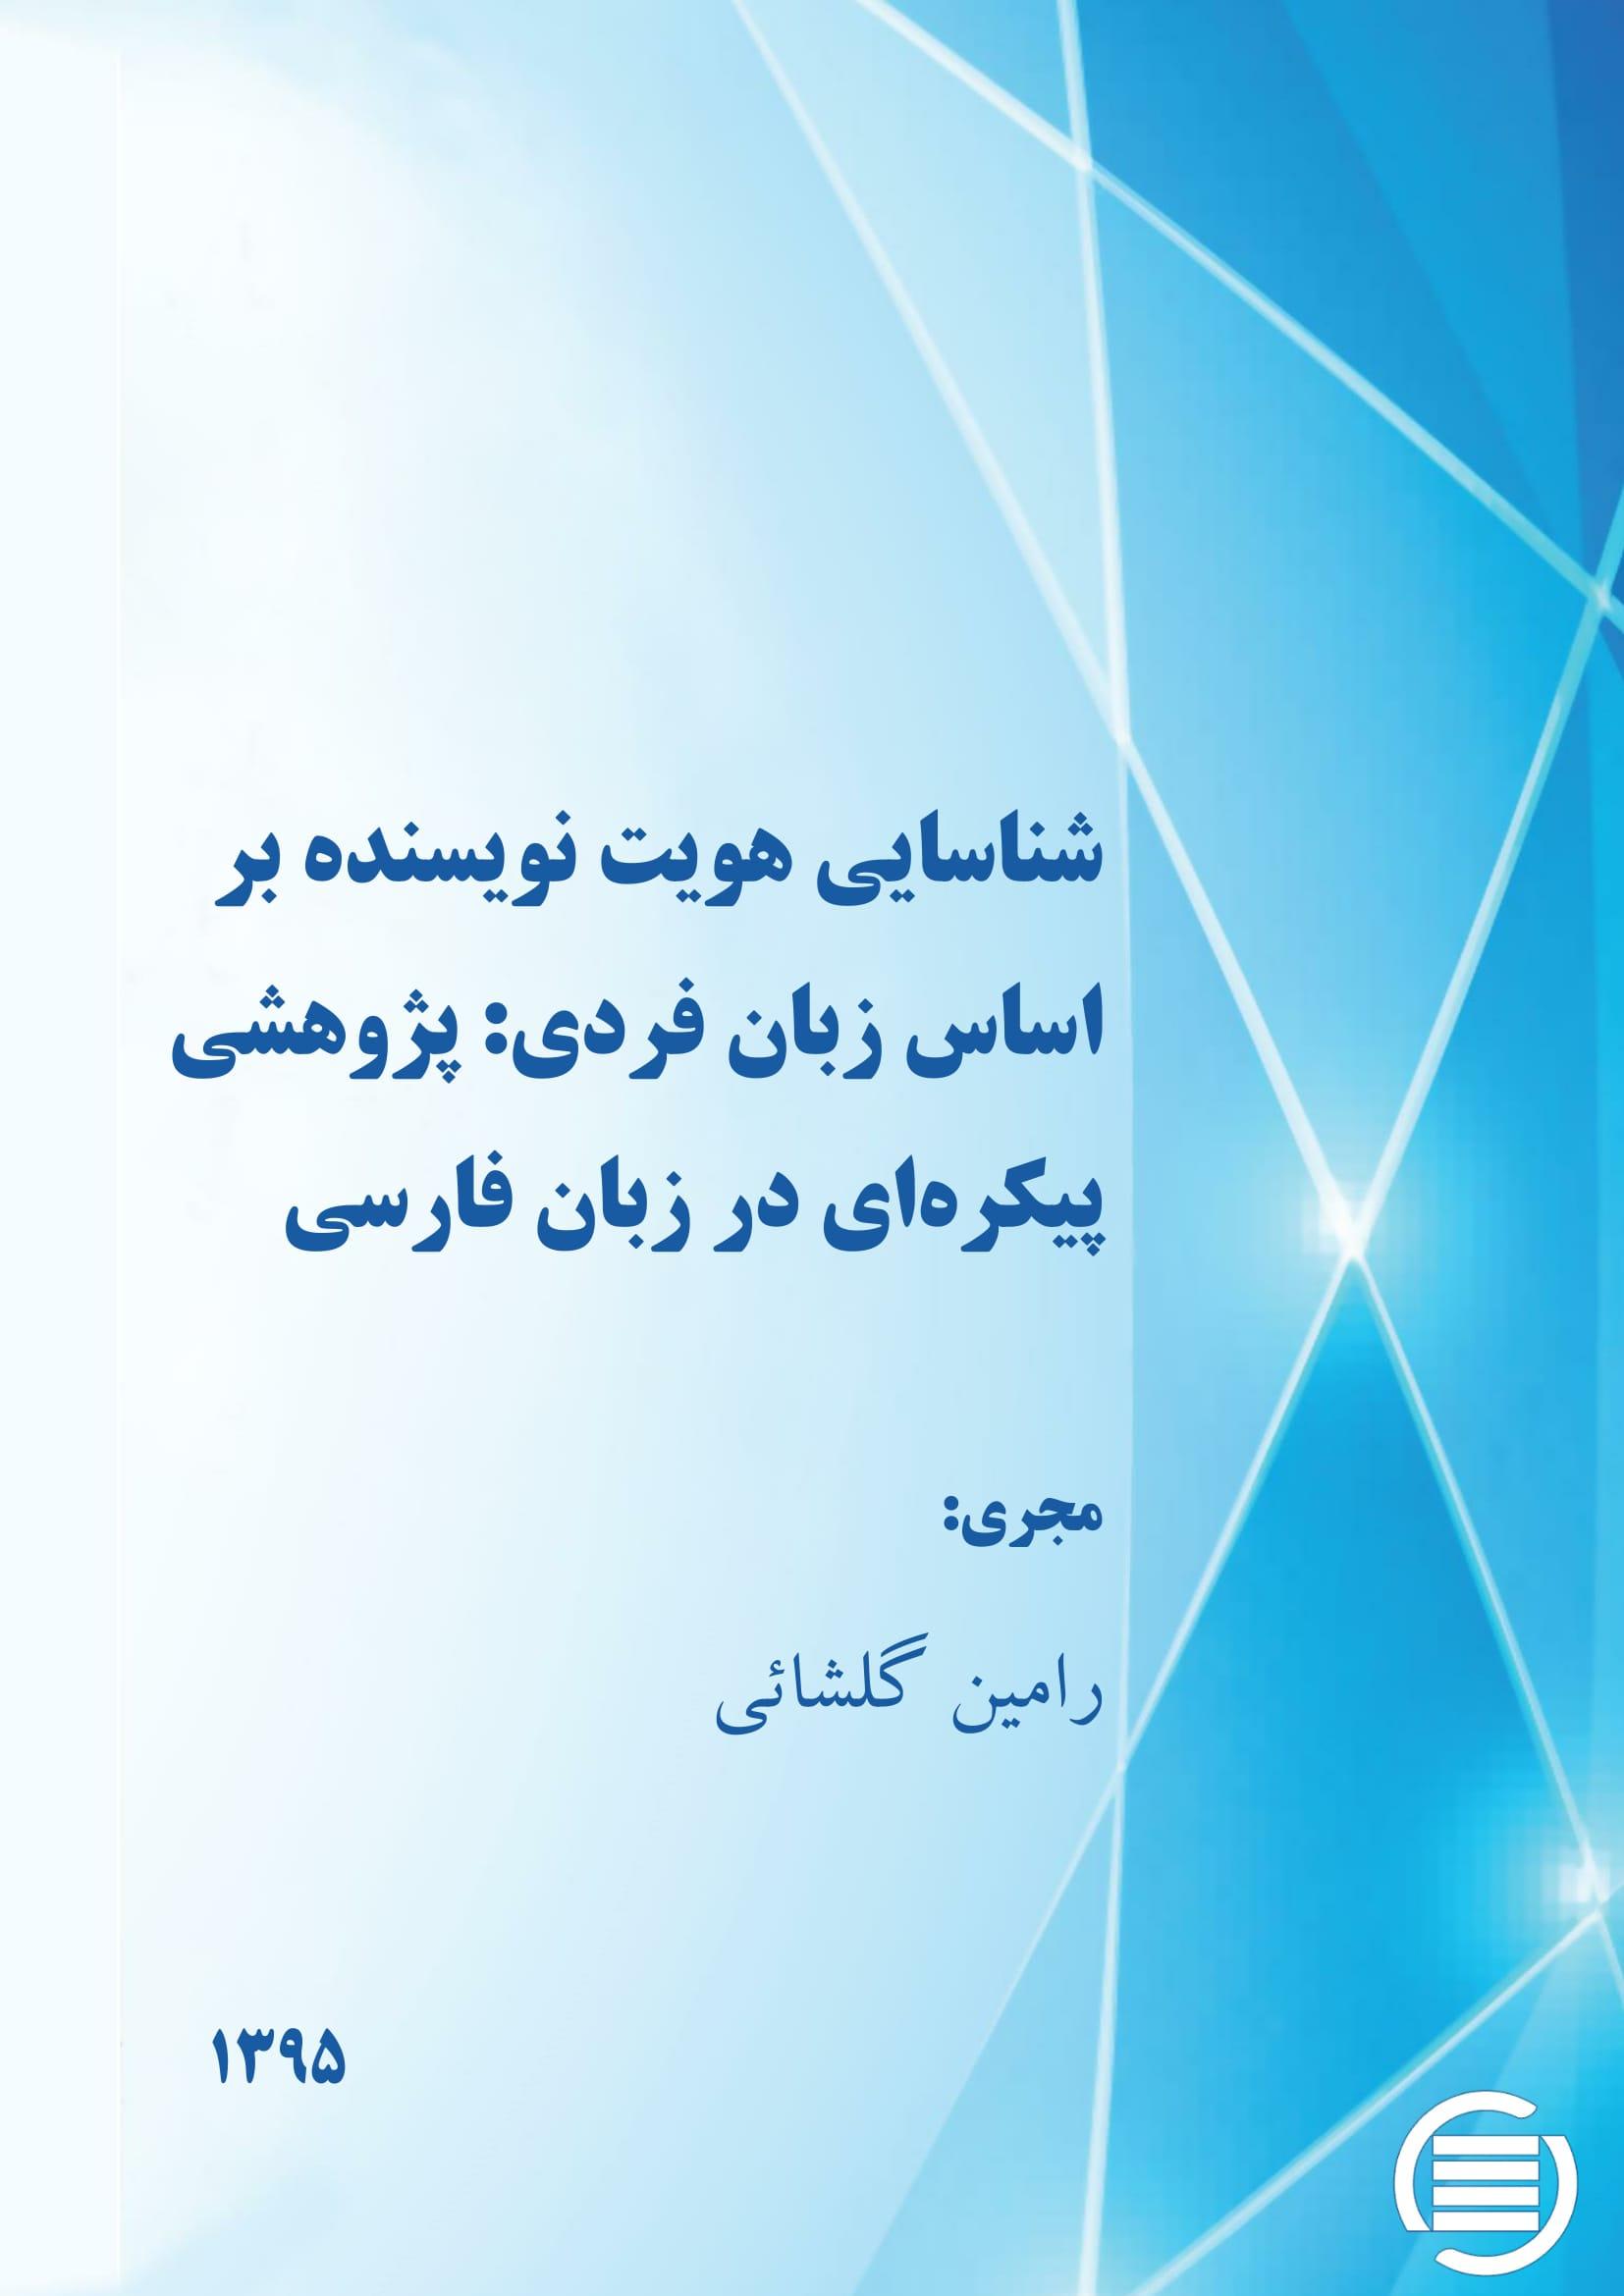 شناسایی هویت نویسنده بر اساس زبان فردی: پژوهشی پیکرهای در زبان فارسی